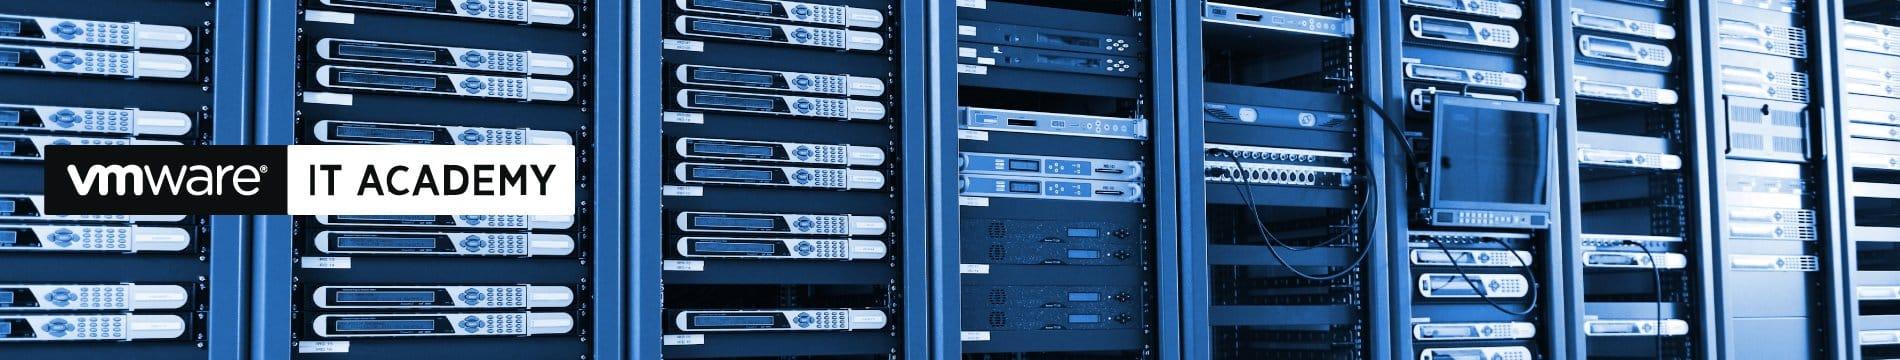 Corso VMware,Corsi VMware, Corso VMware 6.5, Corso VMware 6.5 Corsi vsphere,Corso vcp,Corso ESXi,Corso vcenter,Certificazione VMware